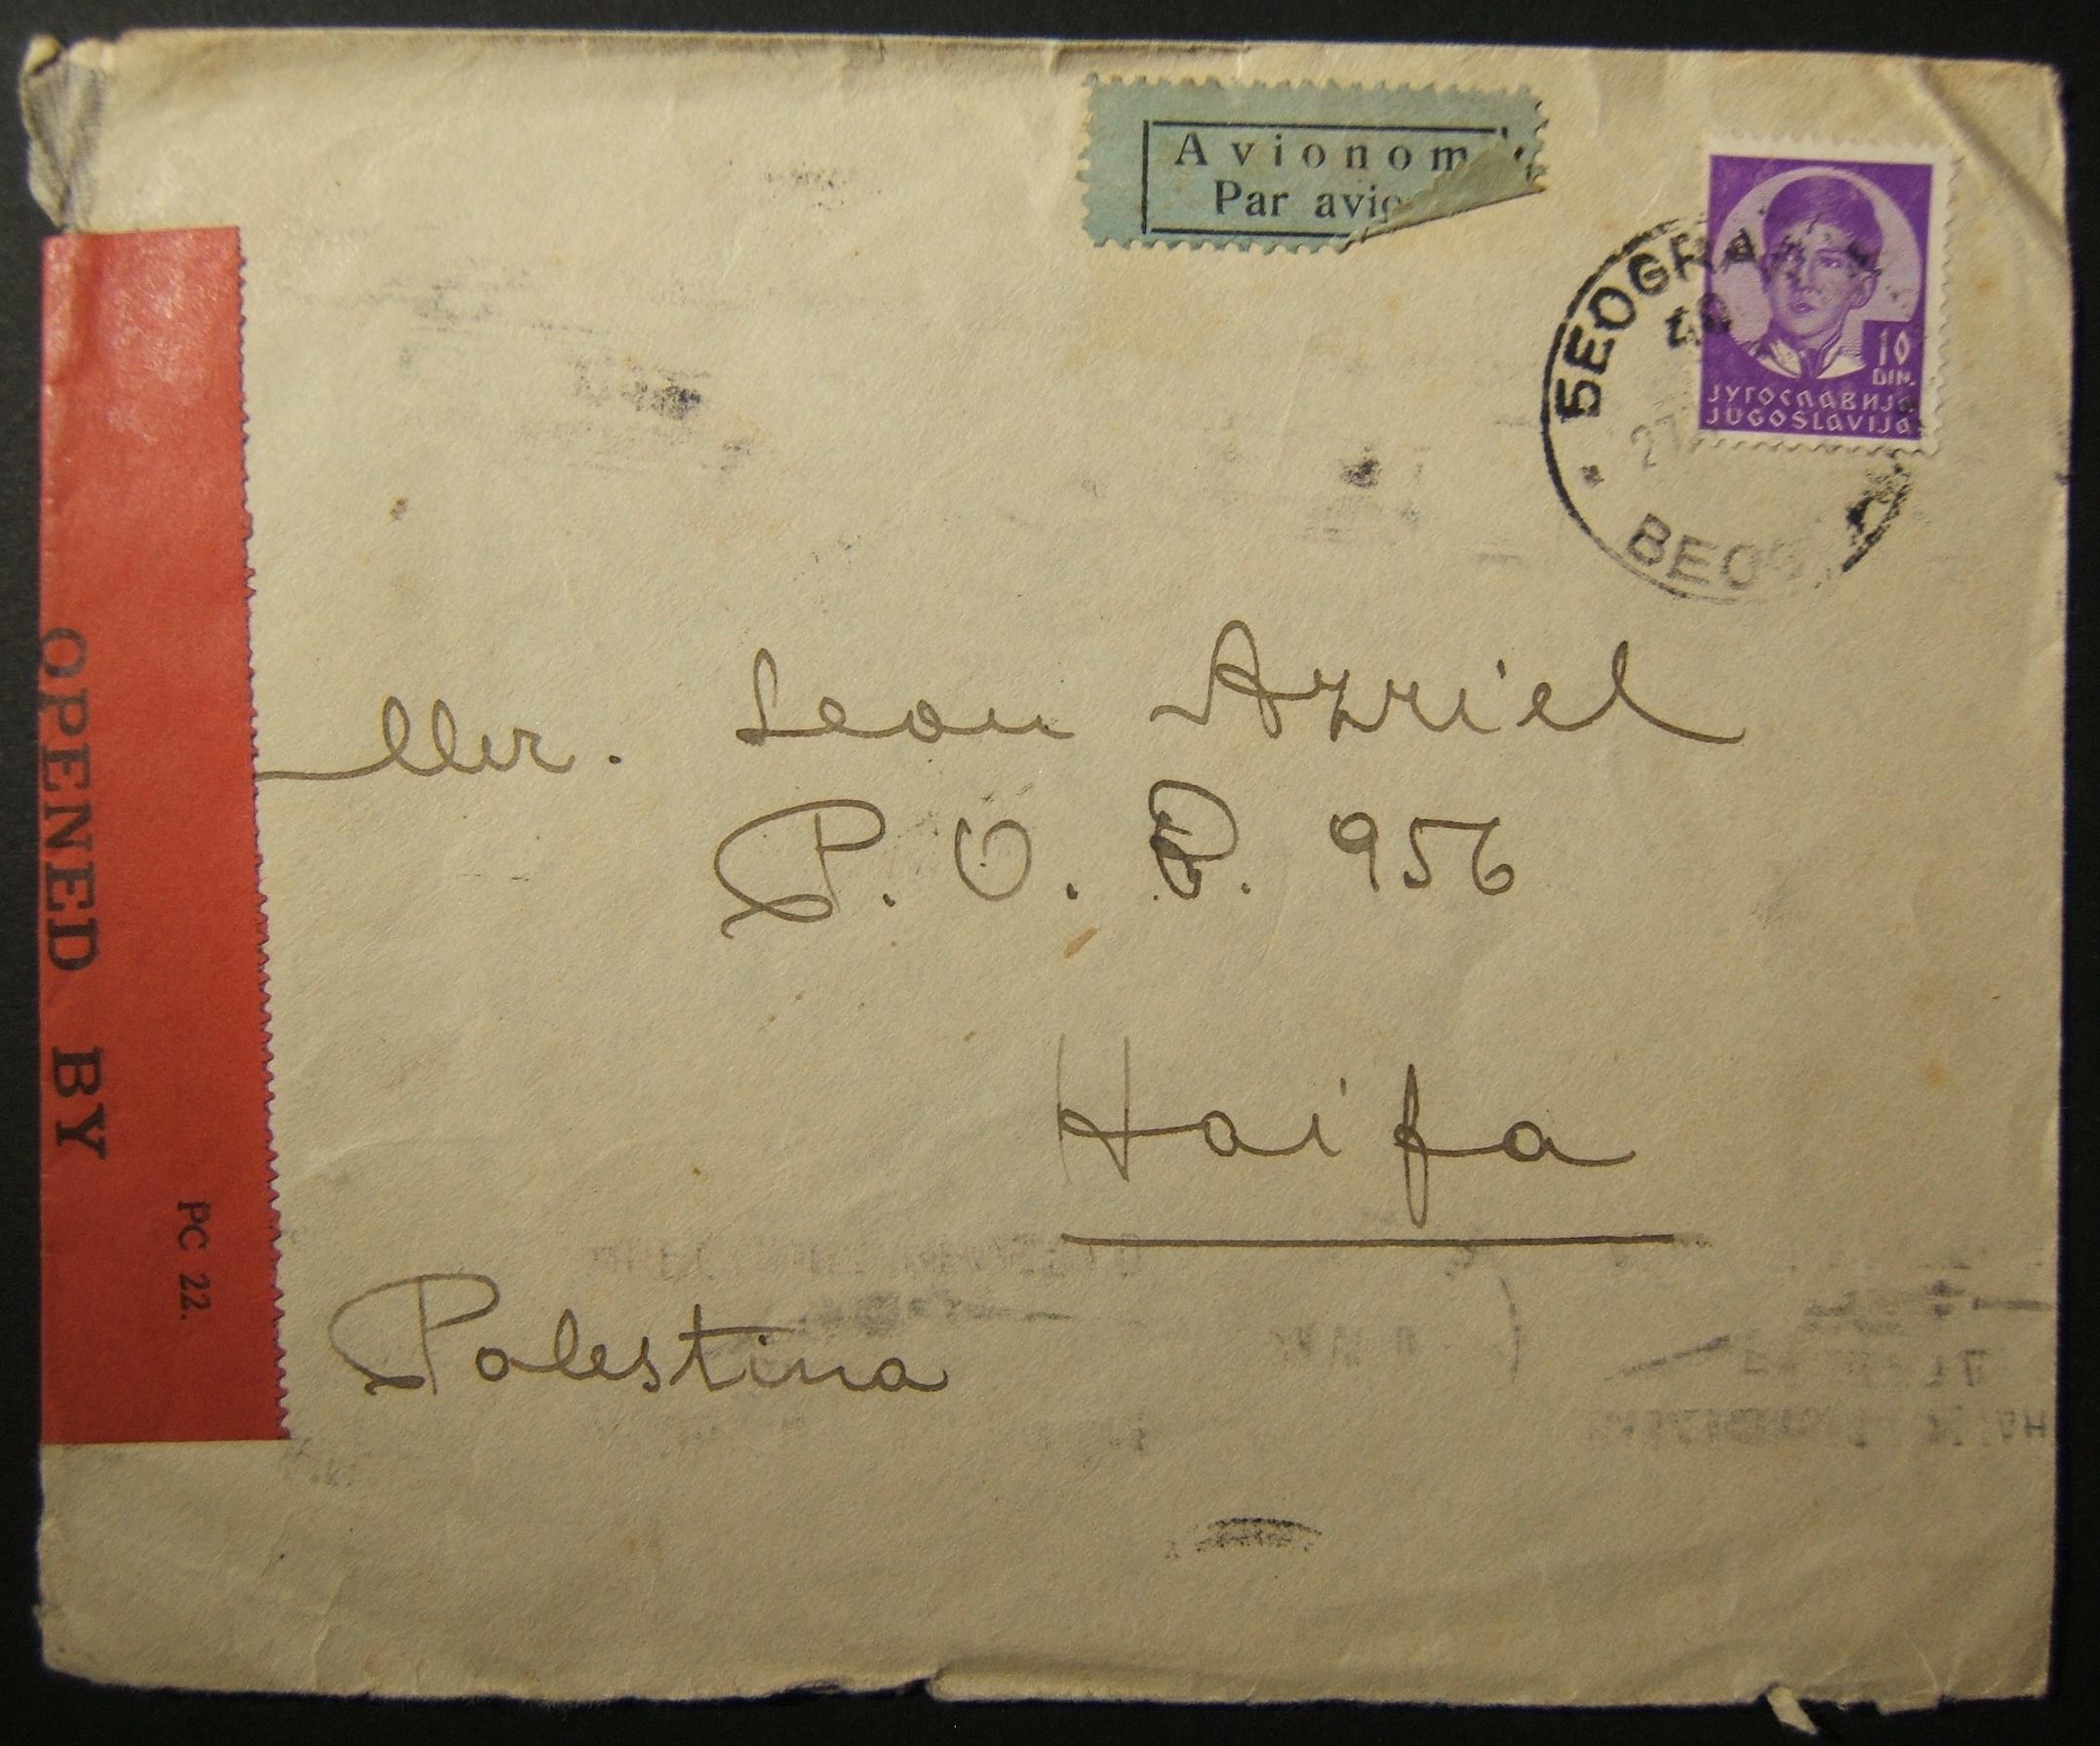 27-06-1940 zensierte Luftpost aus Jugoslawien nach HAIFA, wahrscheinlich über Aeroput & Imperial Airlines